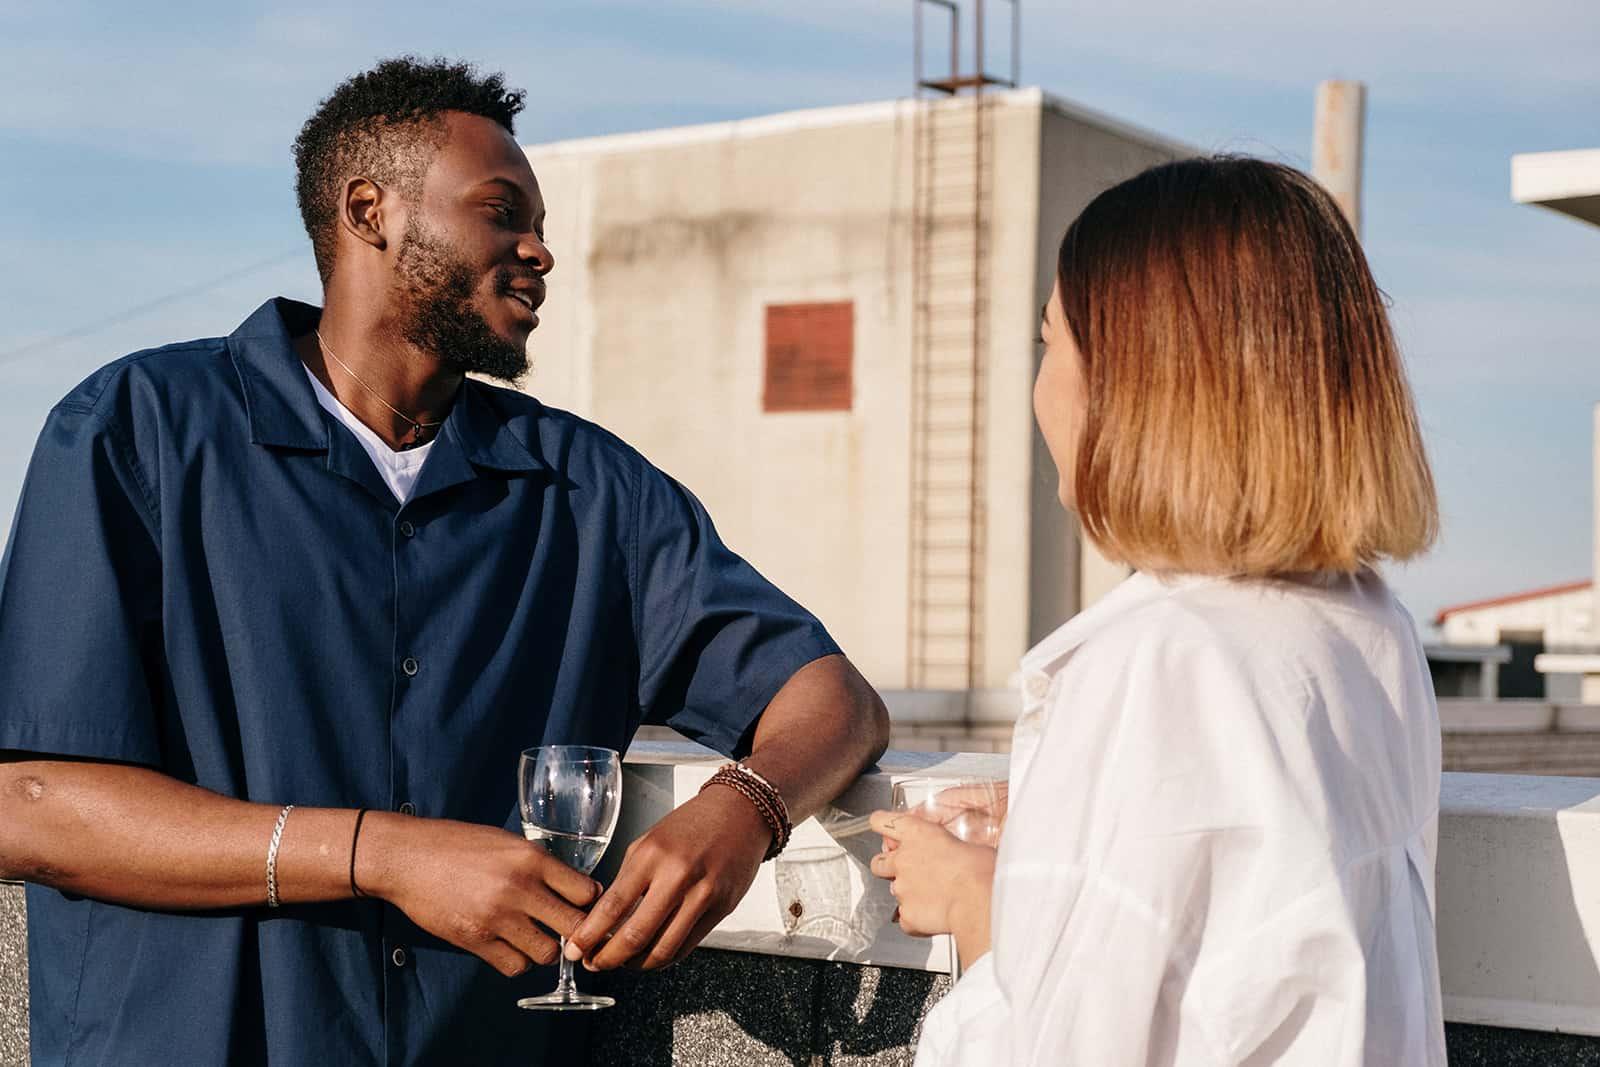 un homme parle avec une femme sur un toit